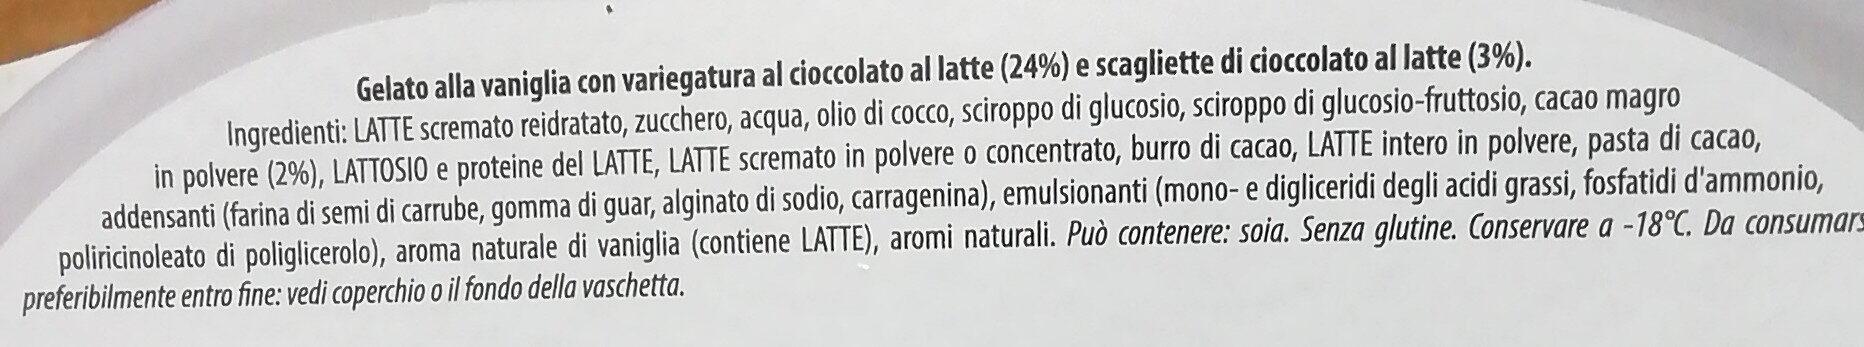 Gelato alla vaniglia con variegatura al cioccolato al latte (24%) e scagliette di cioccolato al latte - Ingrédients